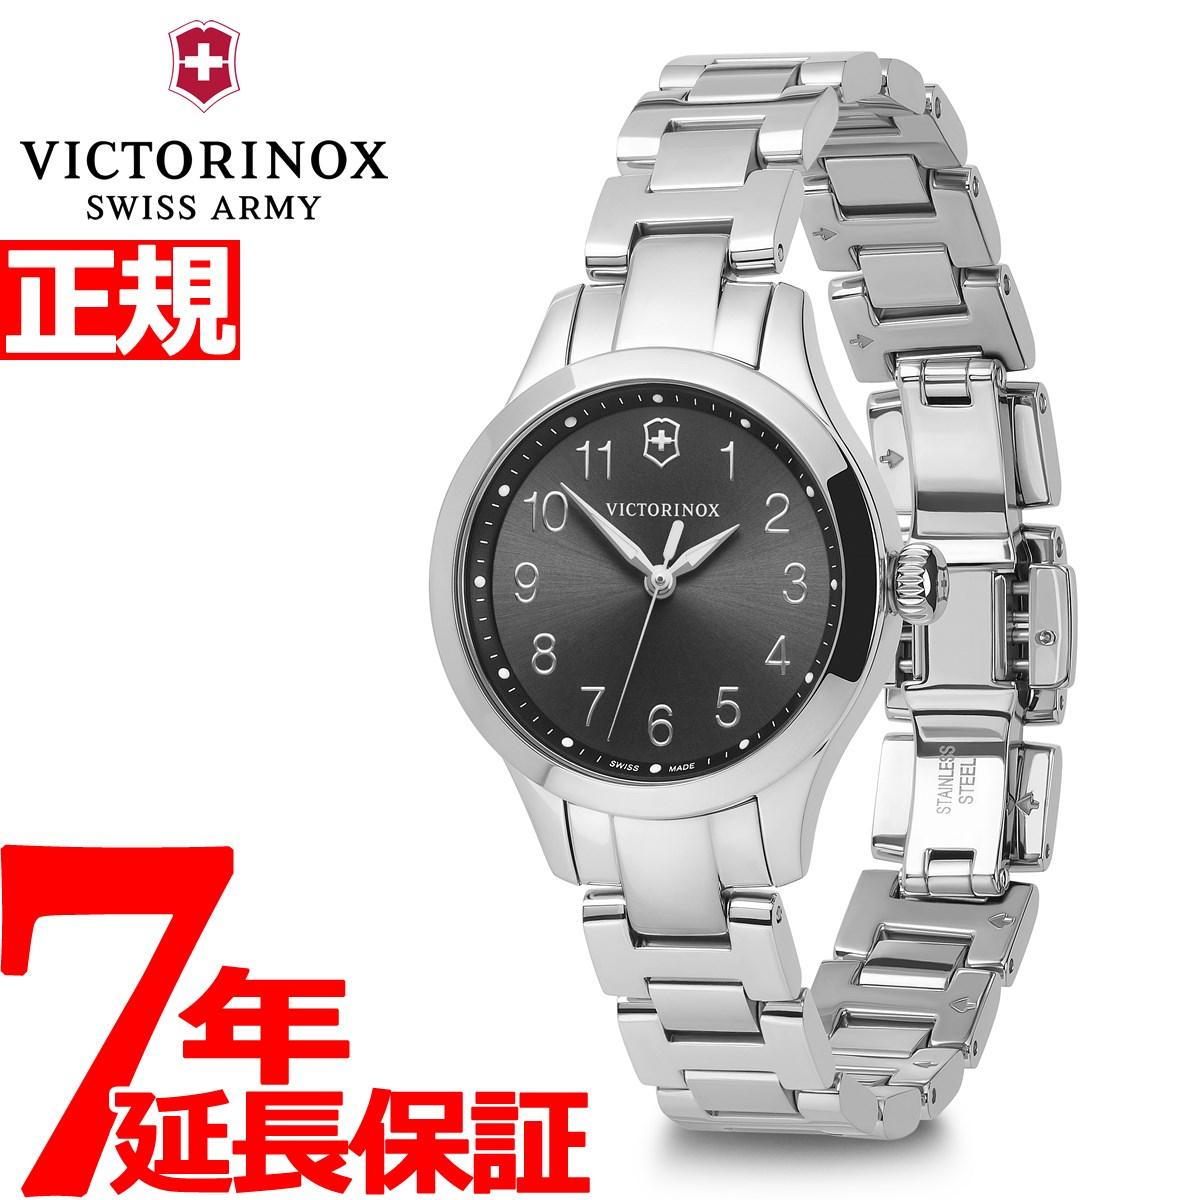 【5日0時~♪2000円OFFクーポン&店内ポイント最大51倍!5日23時59分まで】ビクトリノックス 時計 レディース アライアンス VICTORINOX 腕時計 Alliance XS 241839